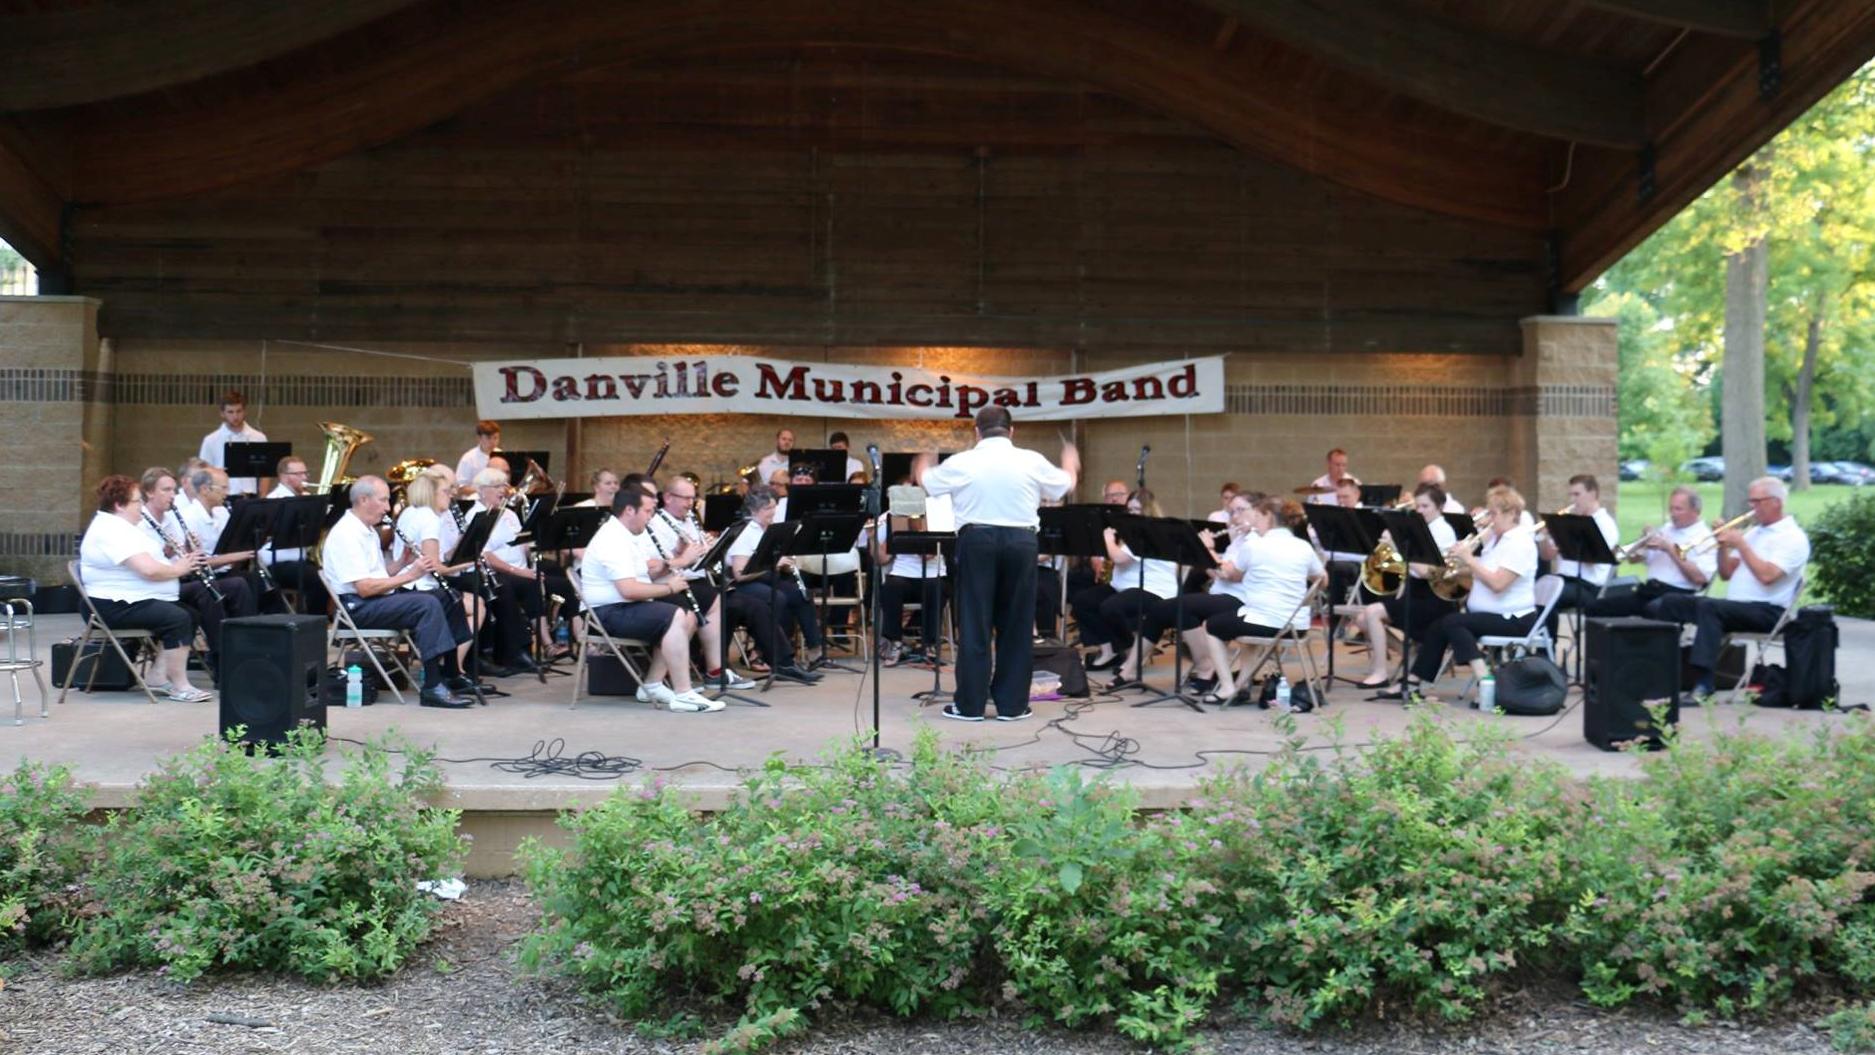 Danville Municipal Band  6:30 p.m.